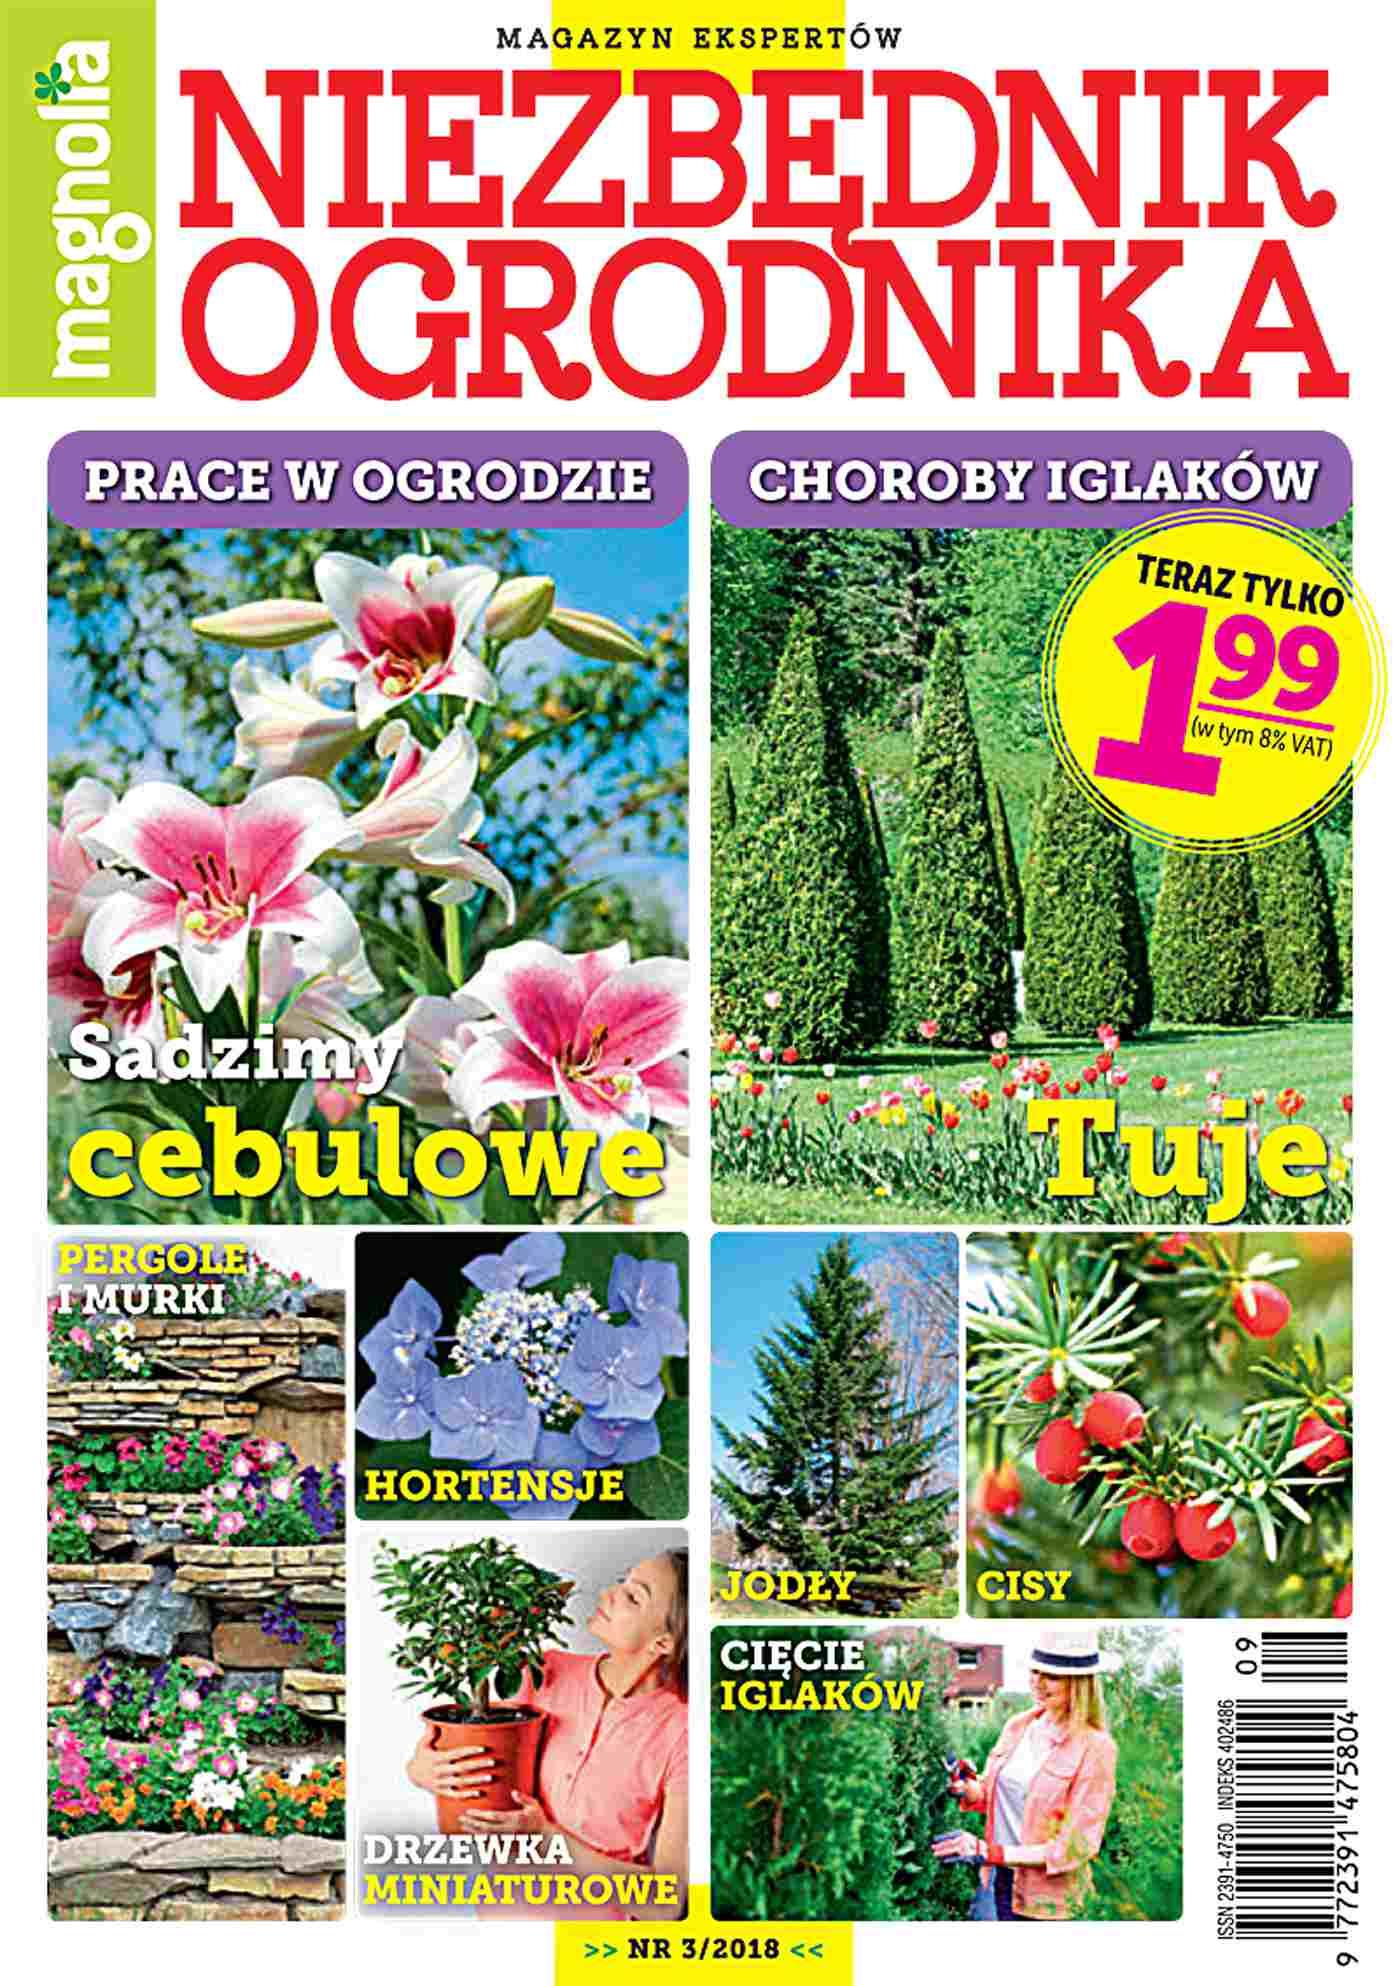 Niezbędnik Ogrodnika 3/2018 - Ebook (Książka PDF) do pobrania w formacie PDF